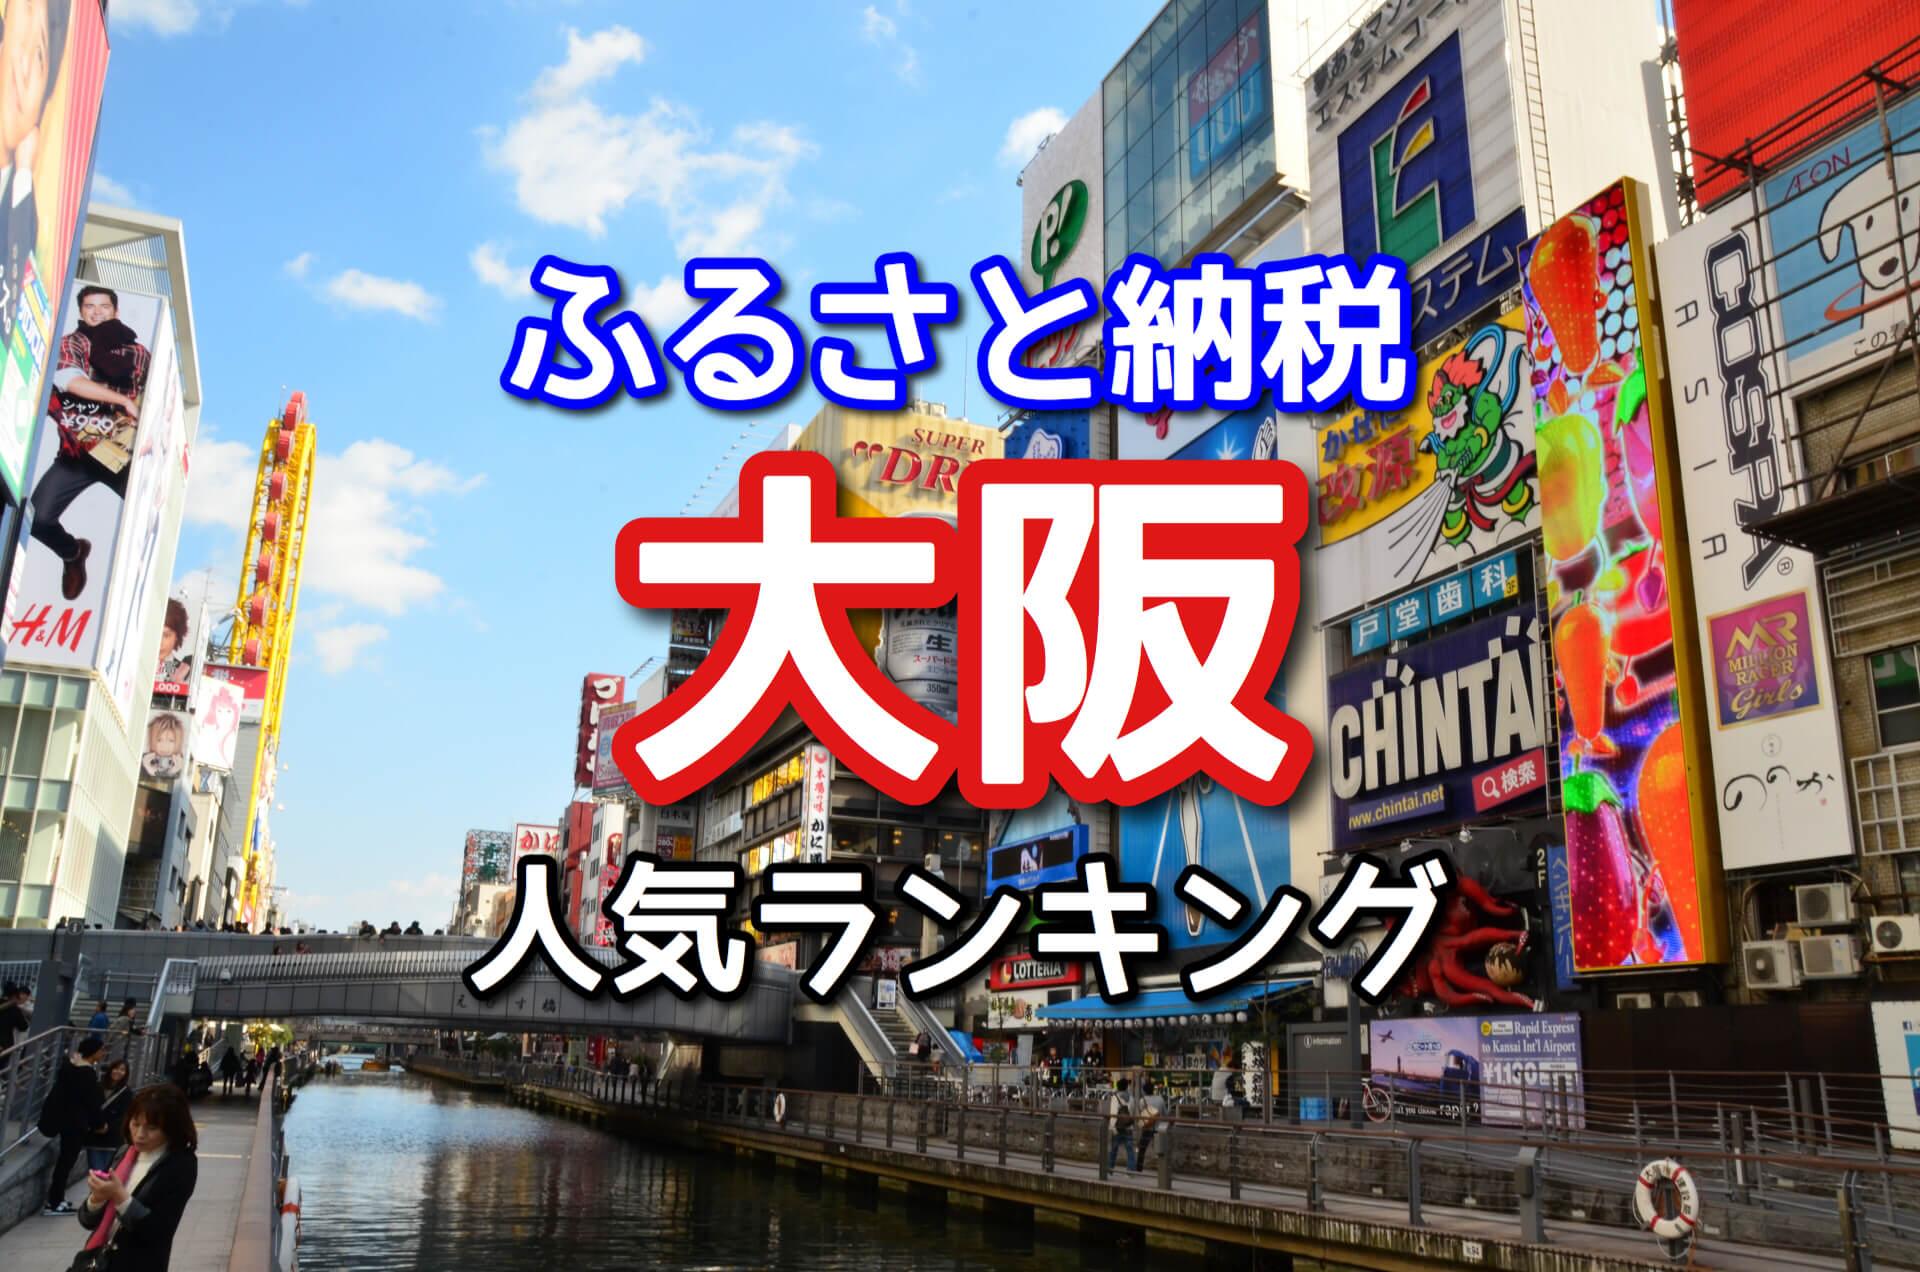 【ふるさと納税】大阪のおすすめ返礼品10選!人気ランキング2018